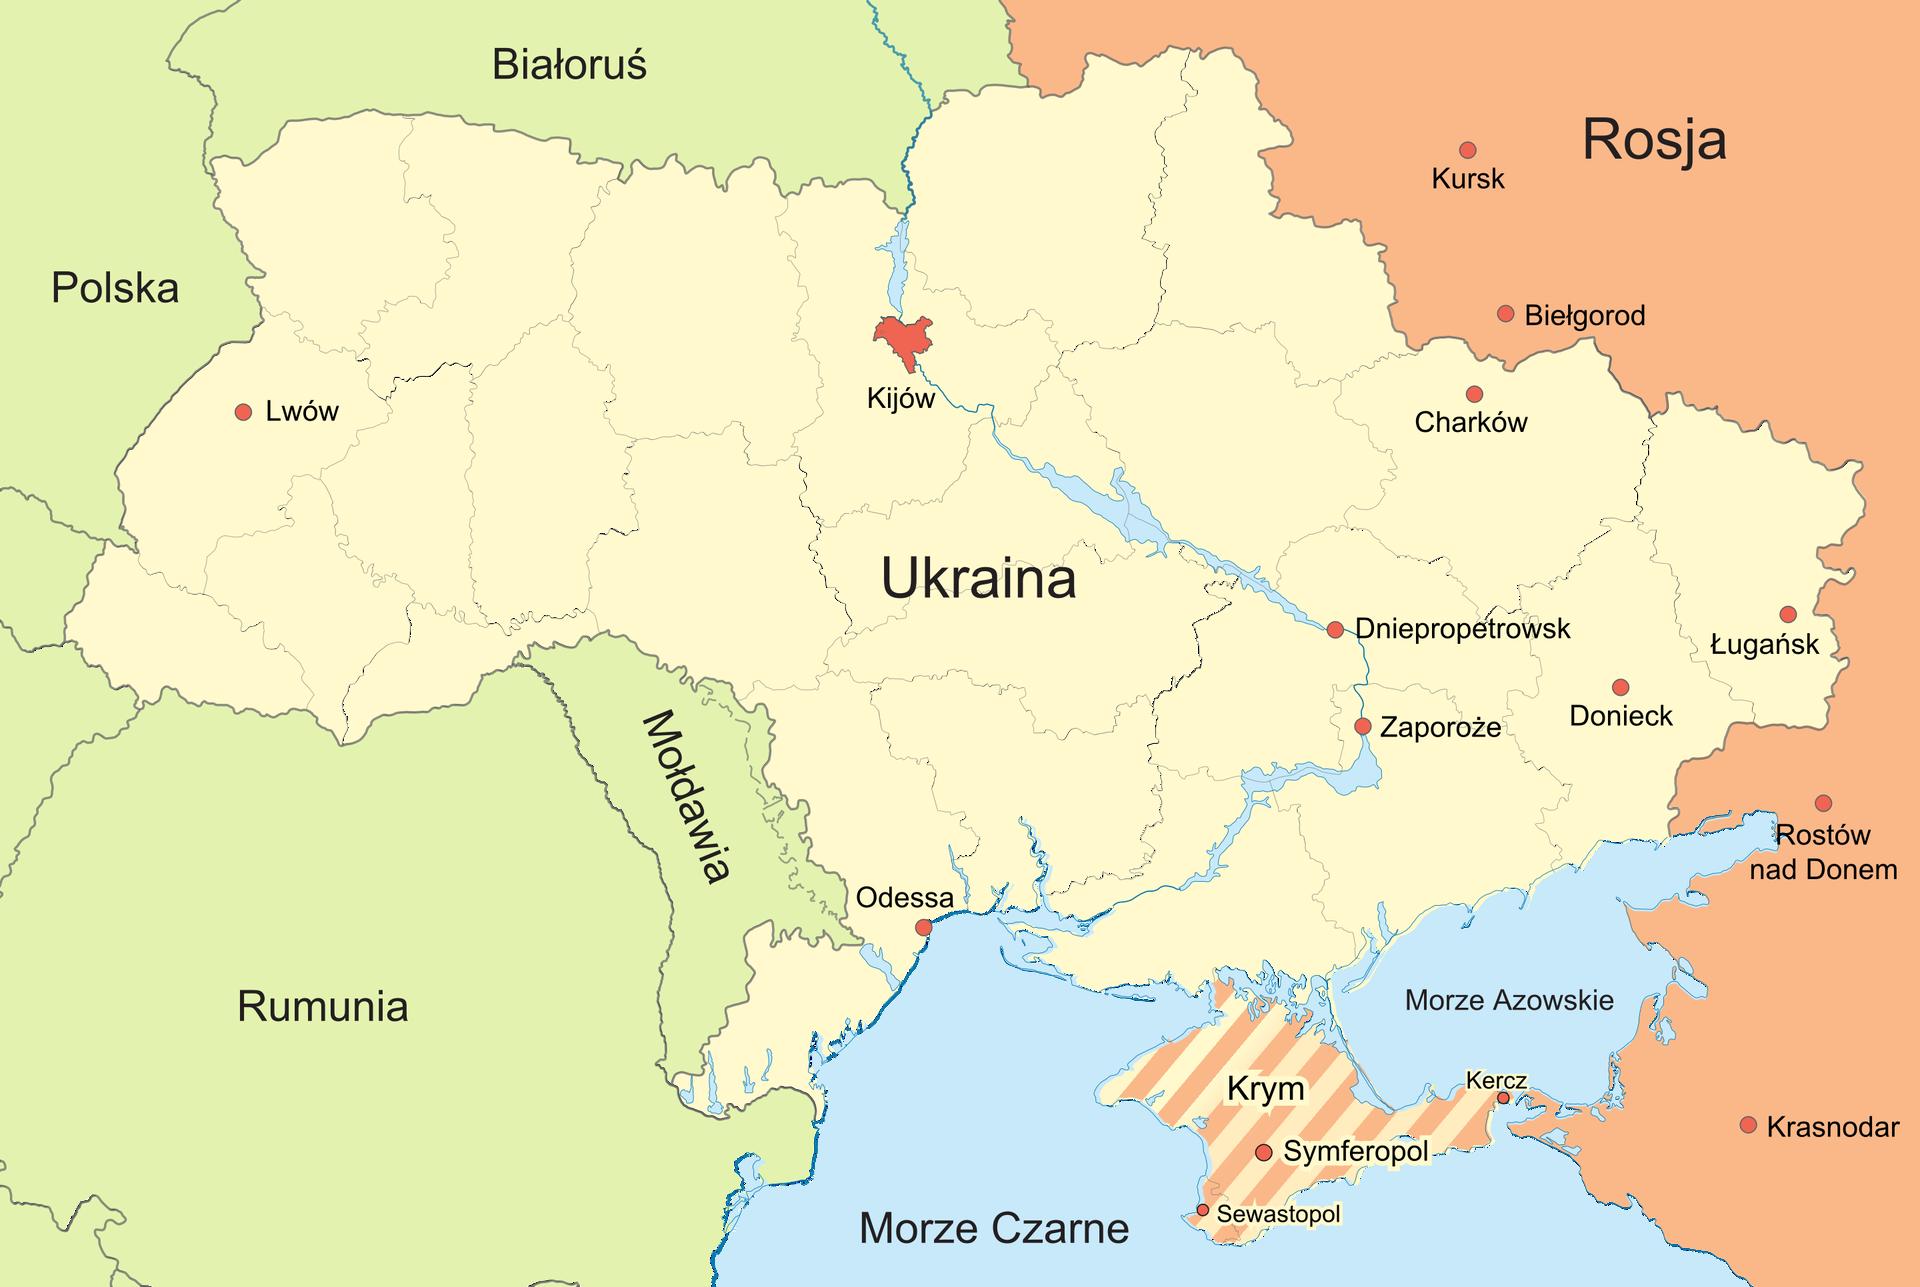 Na ilustracji mapa polityczna. Wcentralnej części Ukraina, kolor żółty. Na północy Białoruś, na zachodzie Polska. Na południu Rumunia iMołdawia. Na wschodzie Rosja, kolor pomarańczowy. Na południu Krym, półwysep, żółto-pomarańczowe paski. Czerwonymi kropkami zaznaczone miasta na Ukrainie iwRosji.